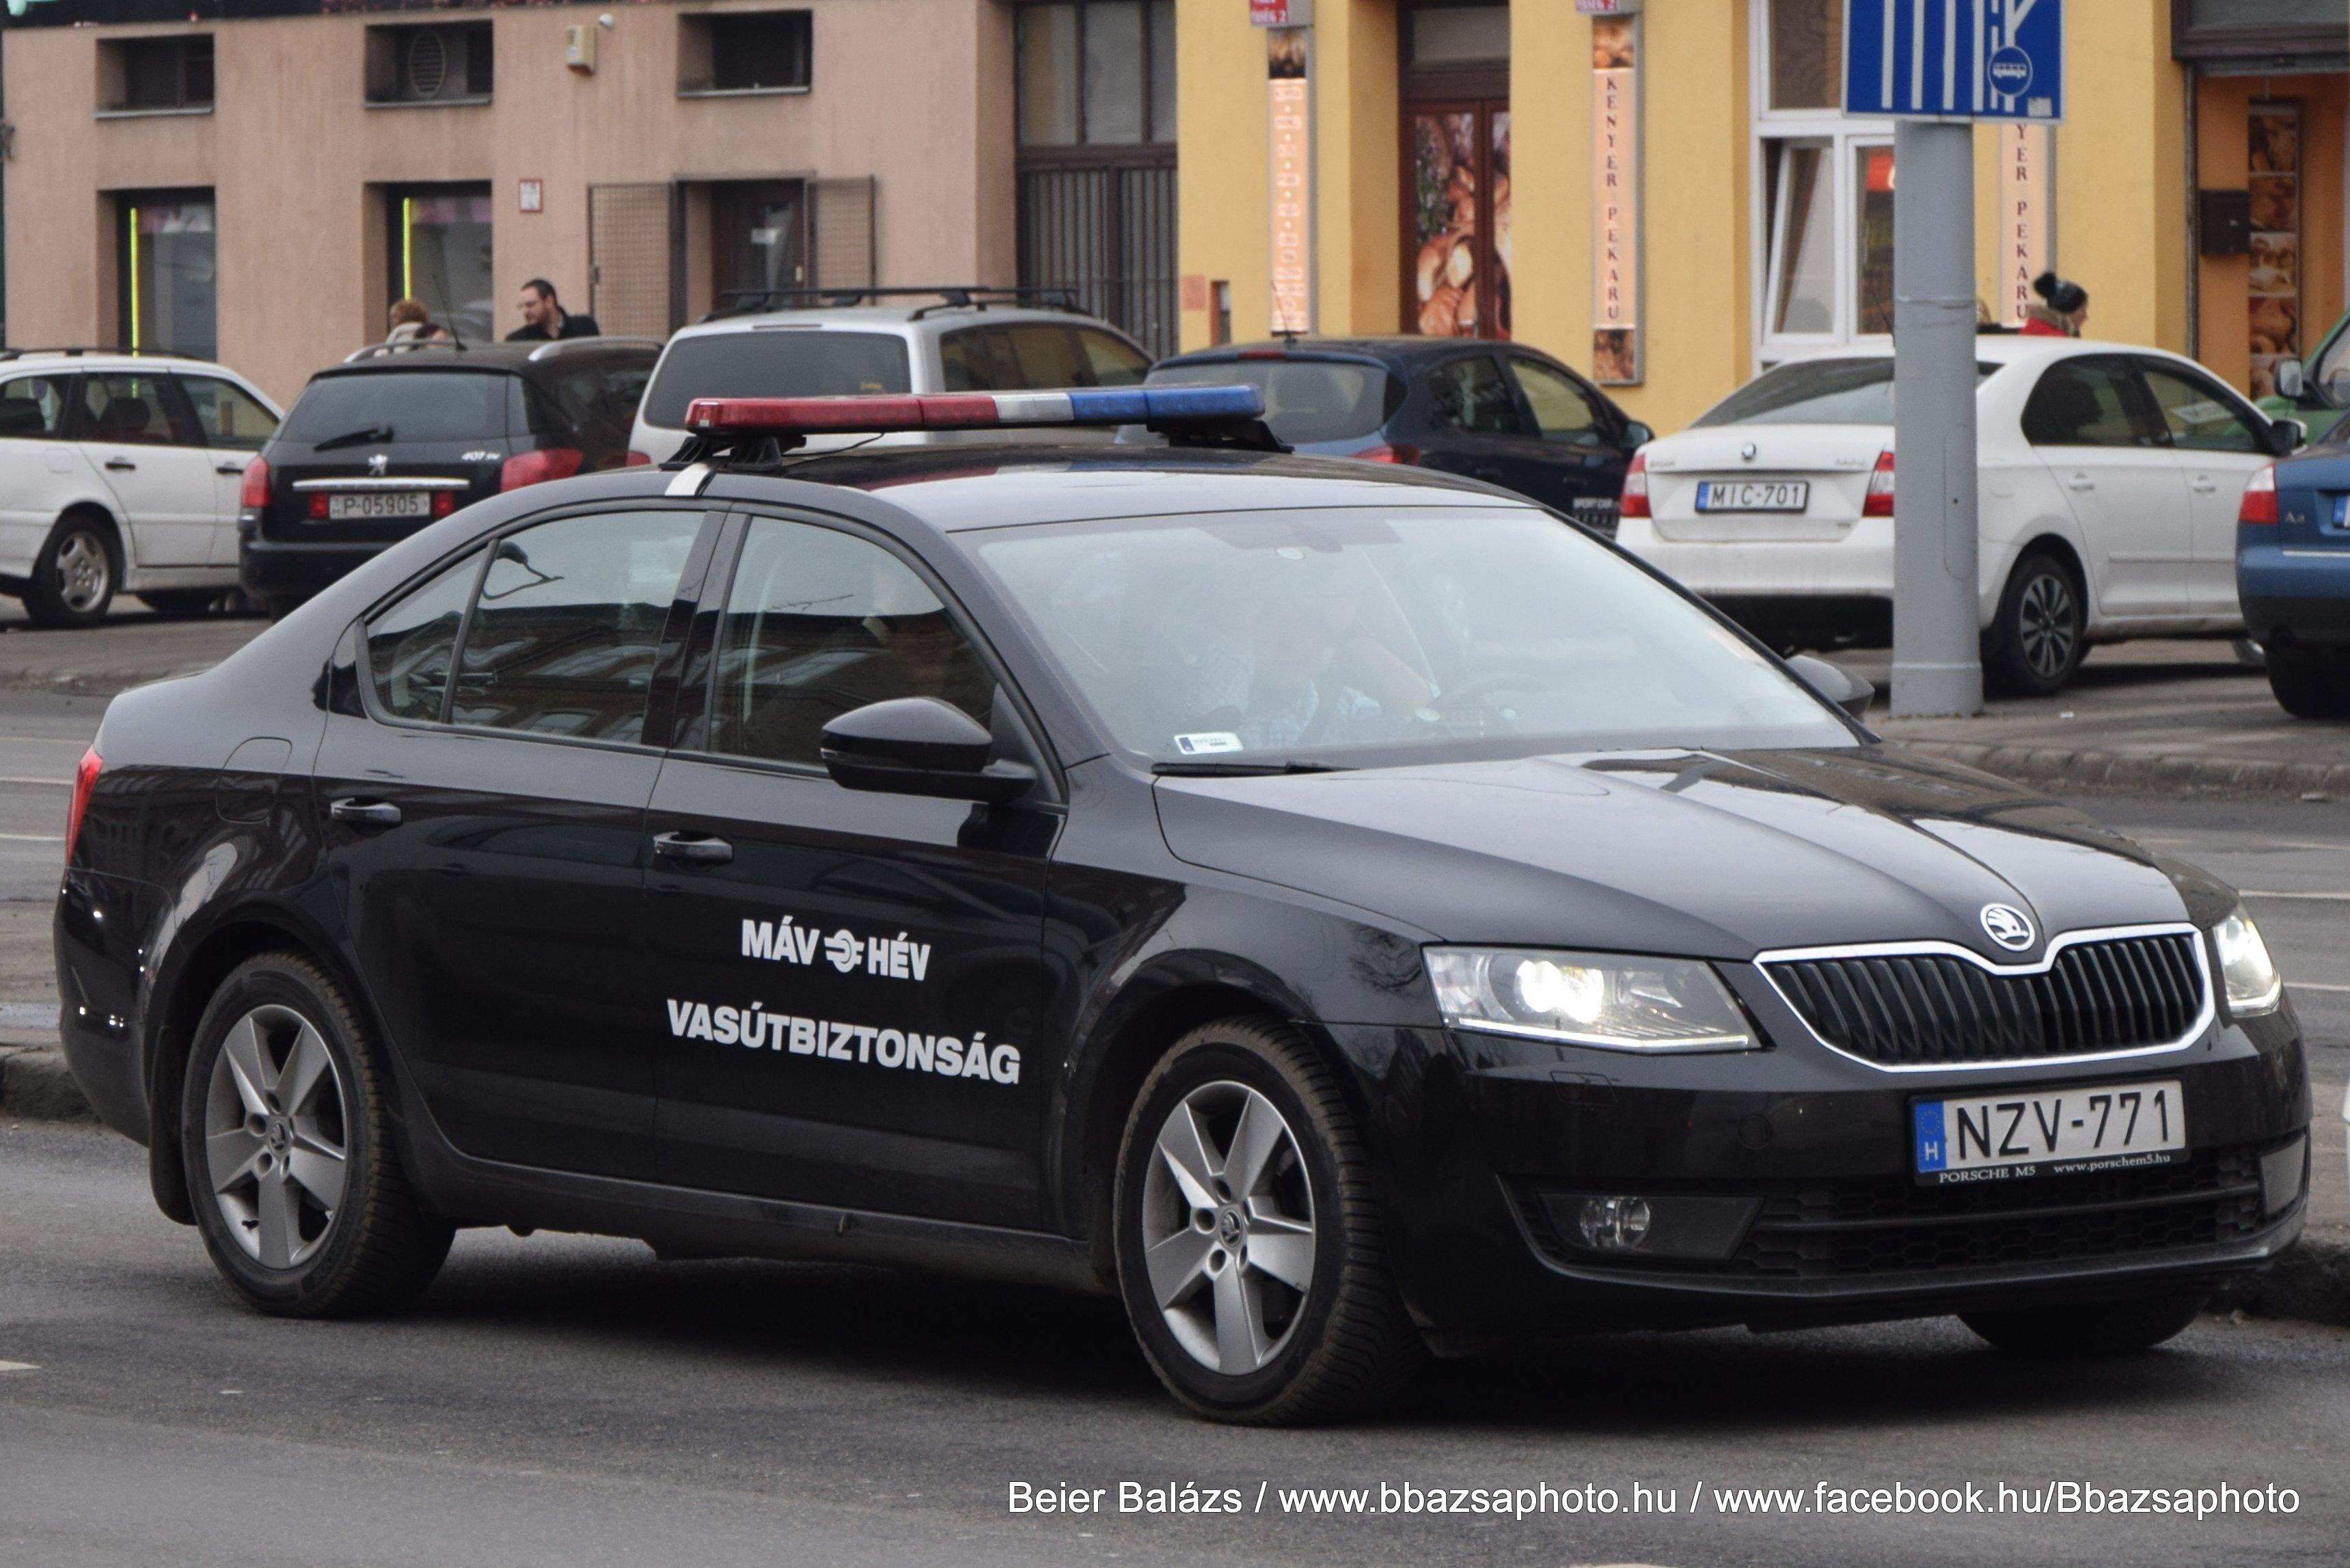 Skoda Octavia – MÁV / HÉV vasútbiztonság